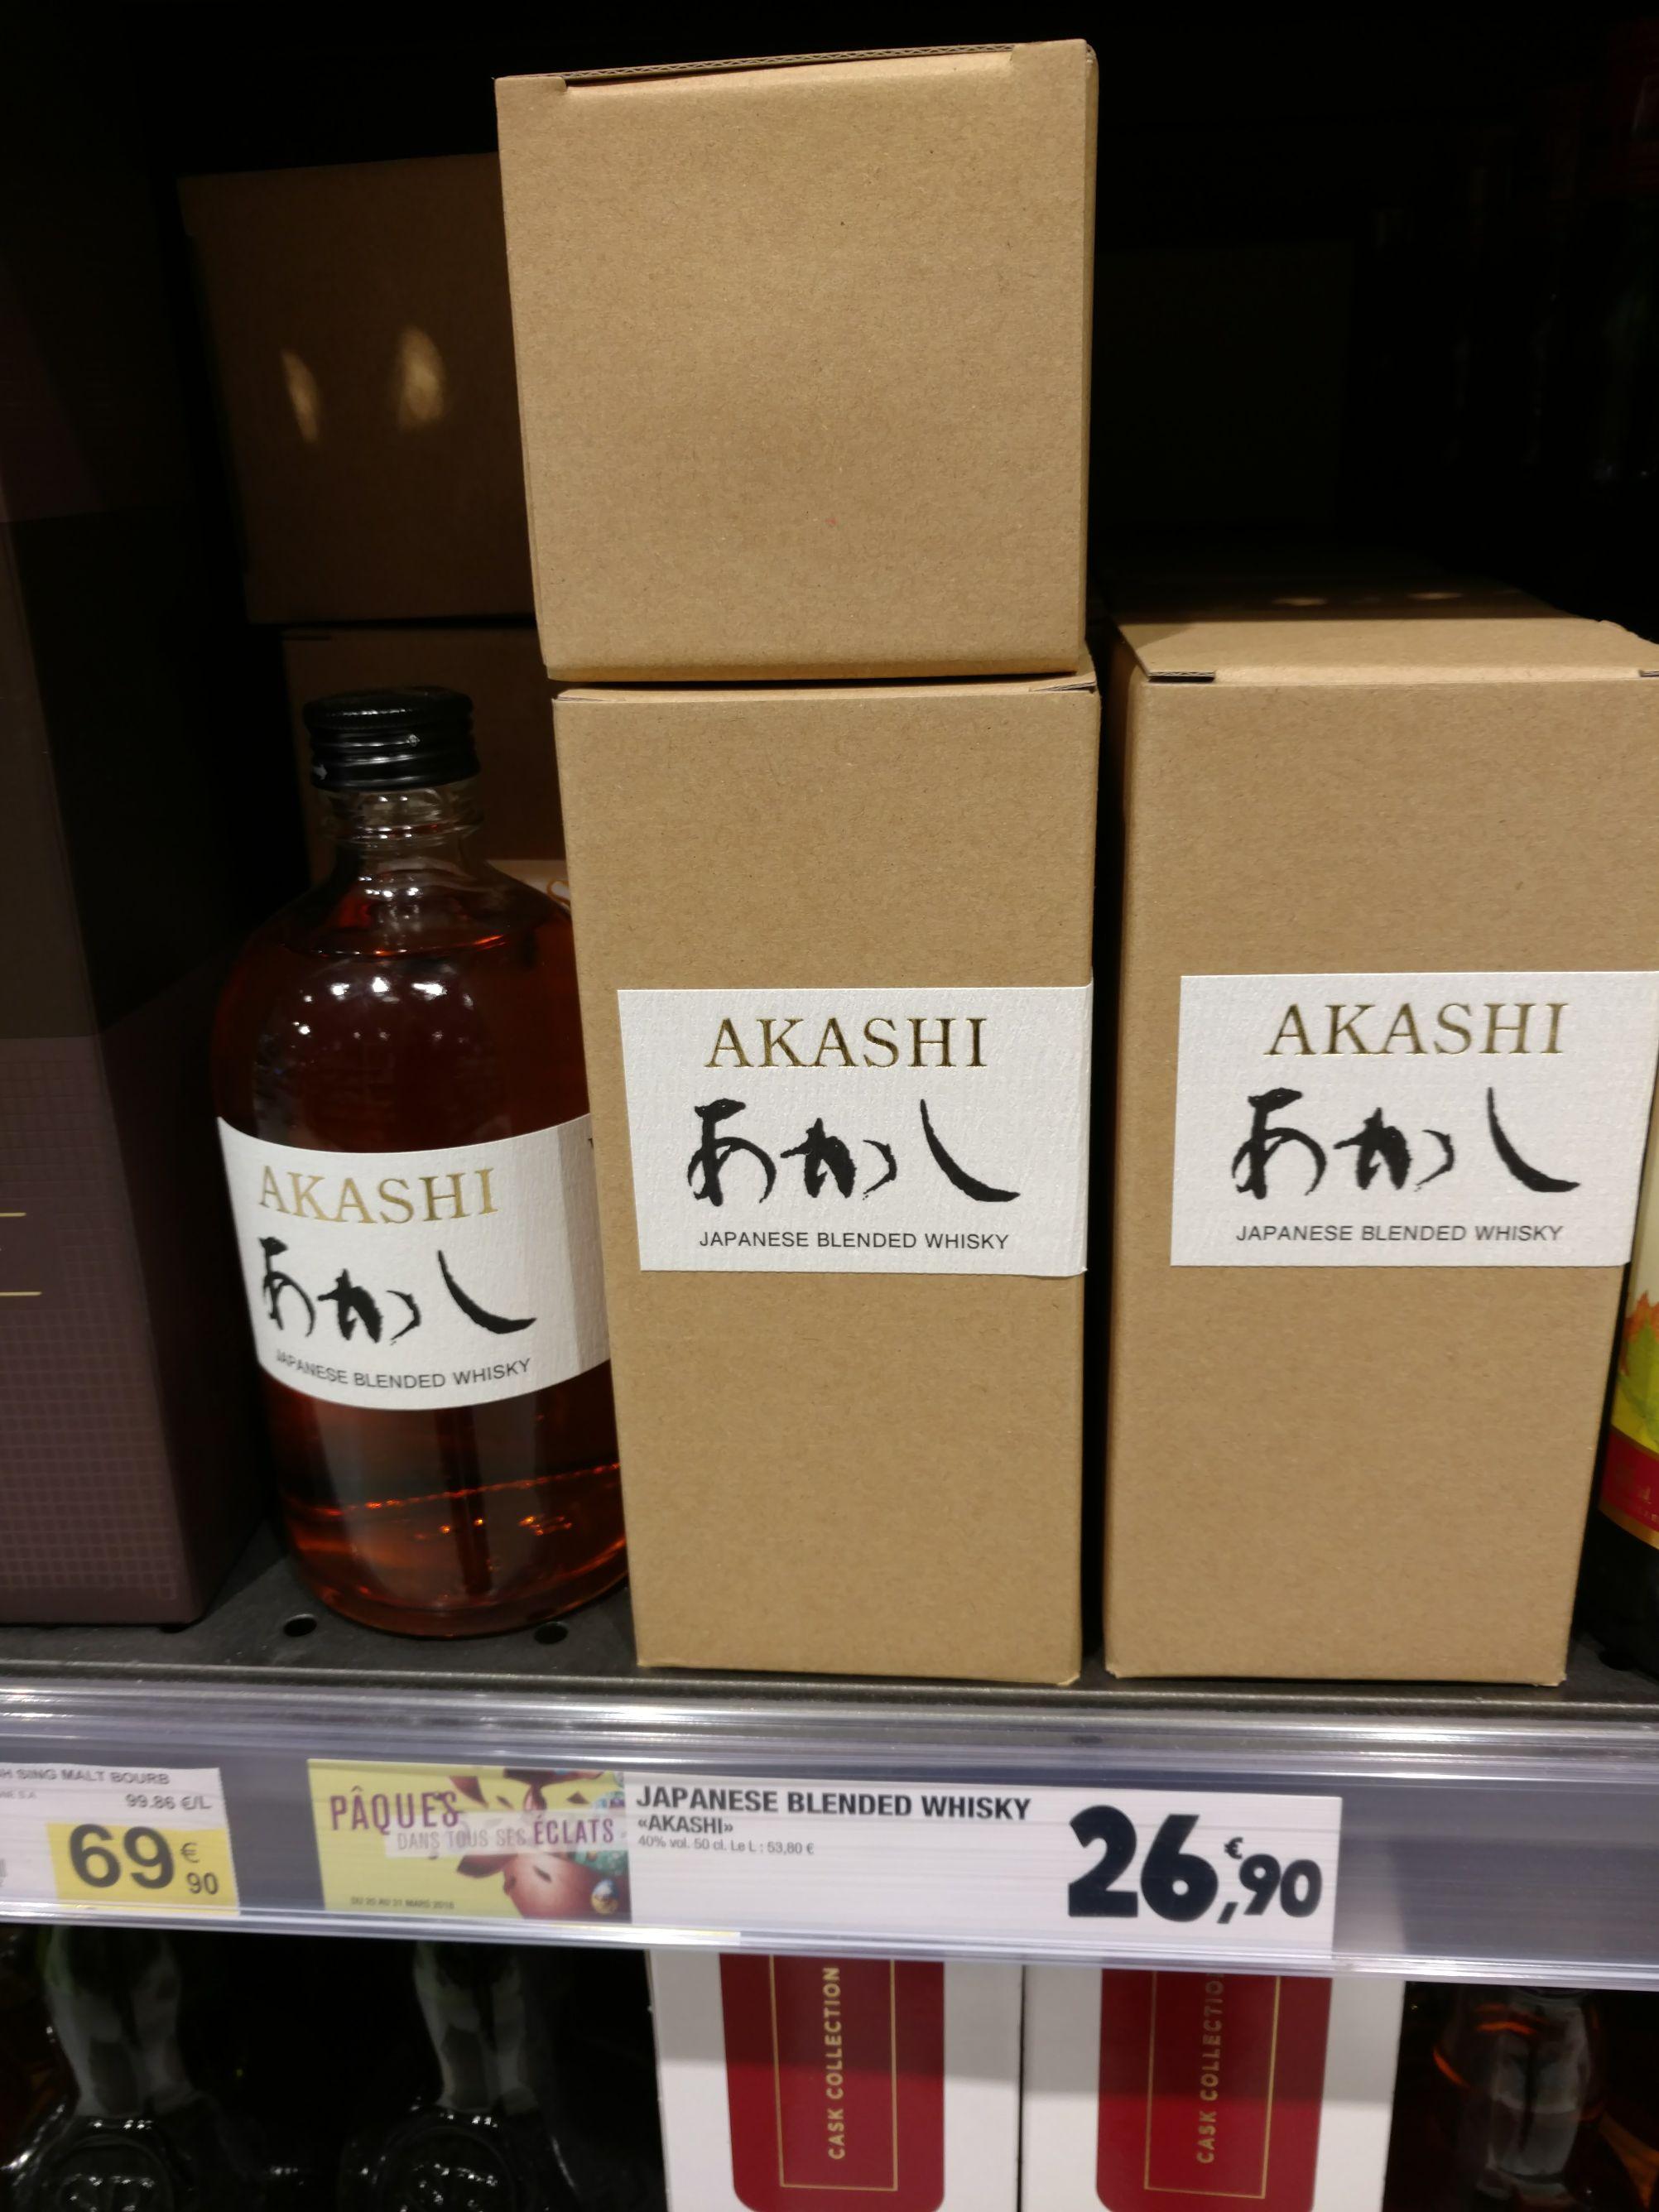 Bouteille de whisky japonais Akashi